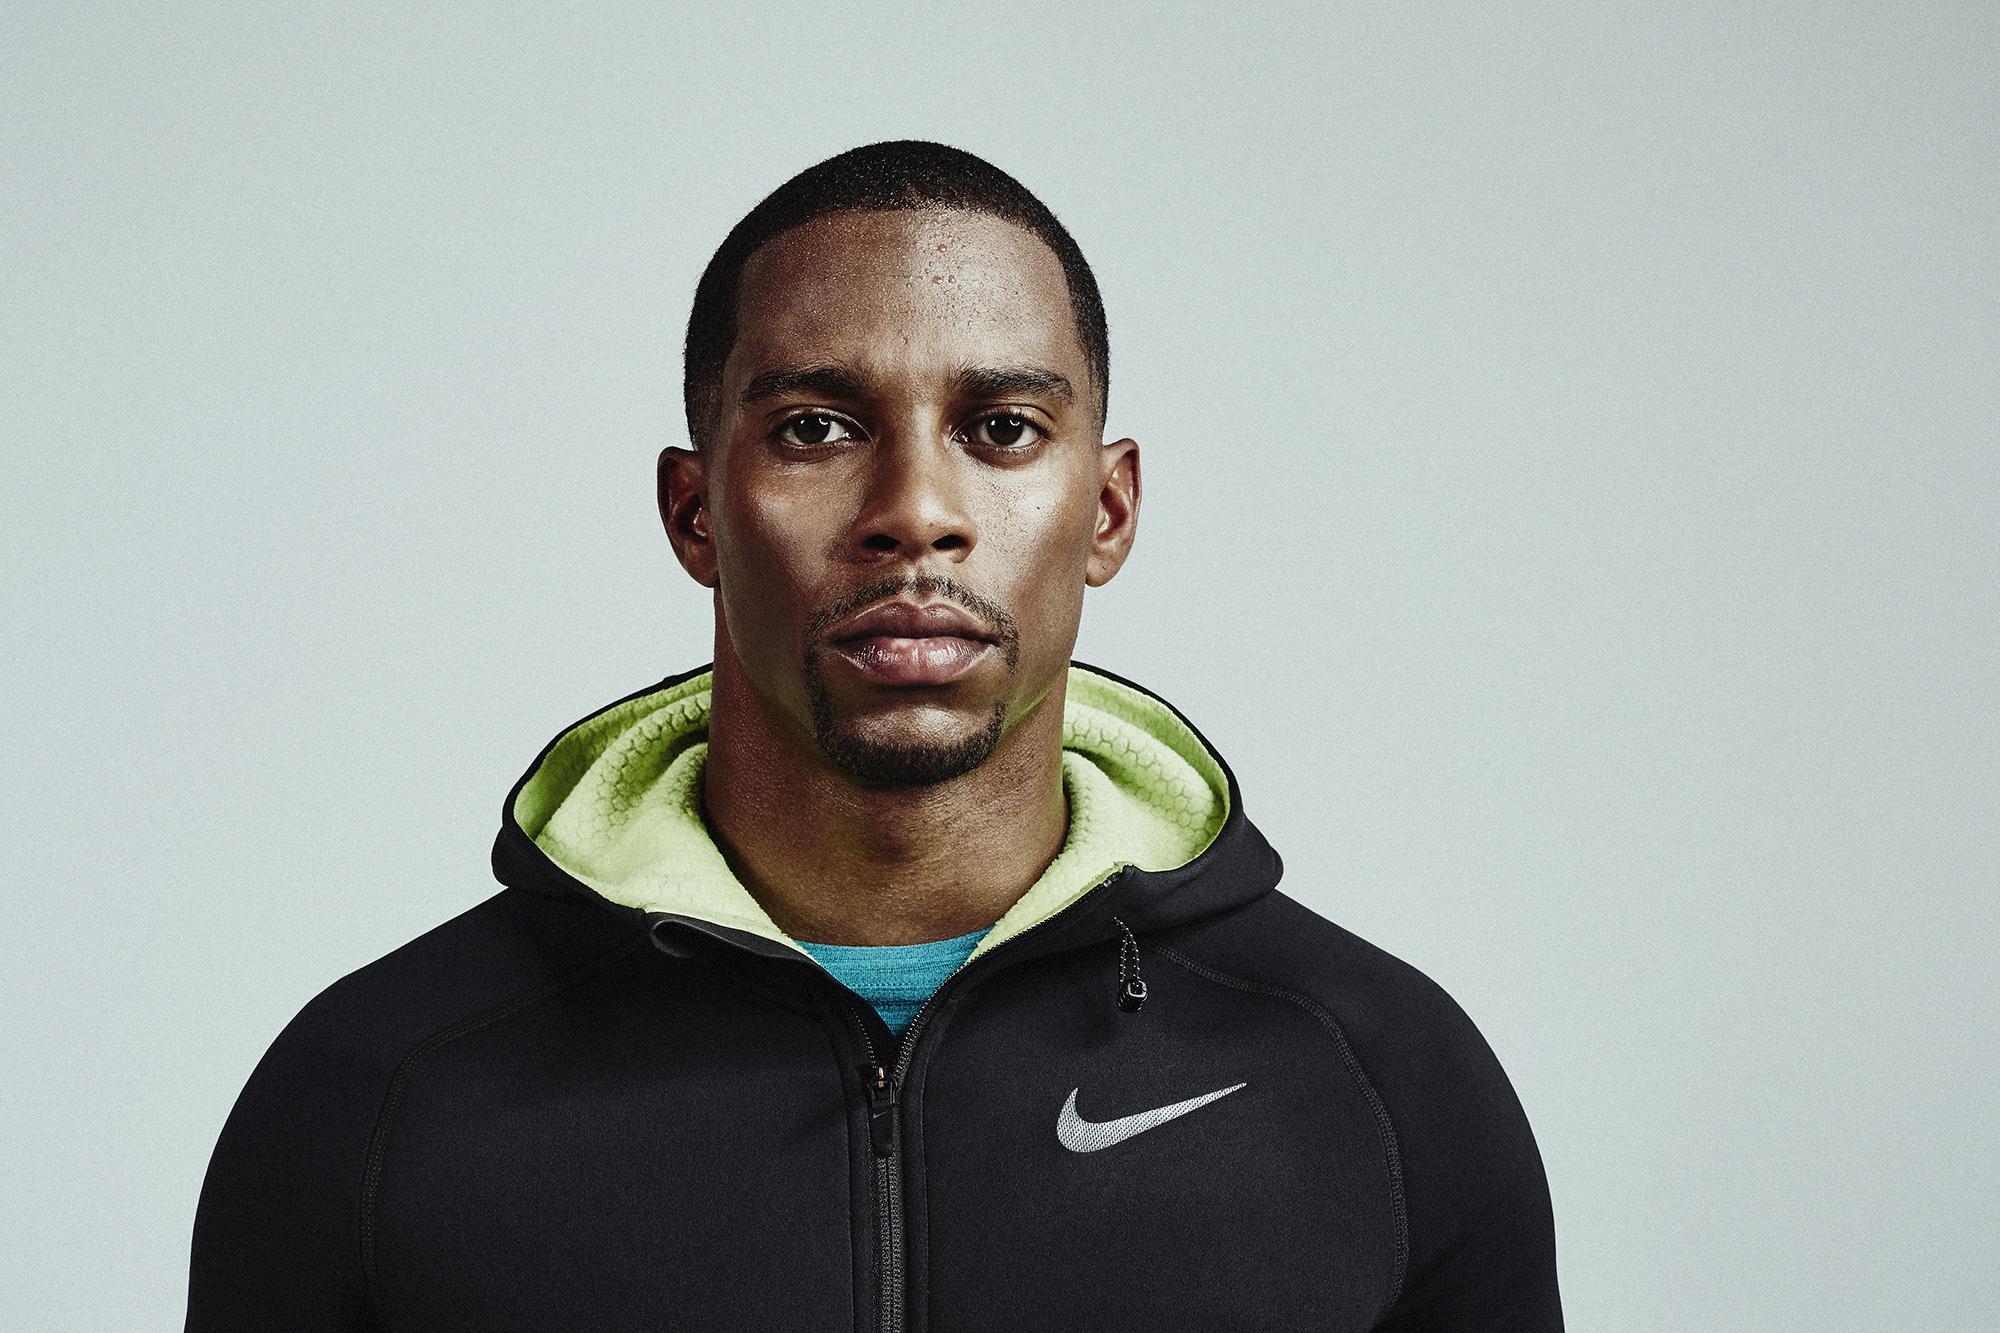 15_07_28_Nike_ThermaSphere_0601